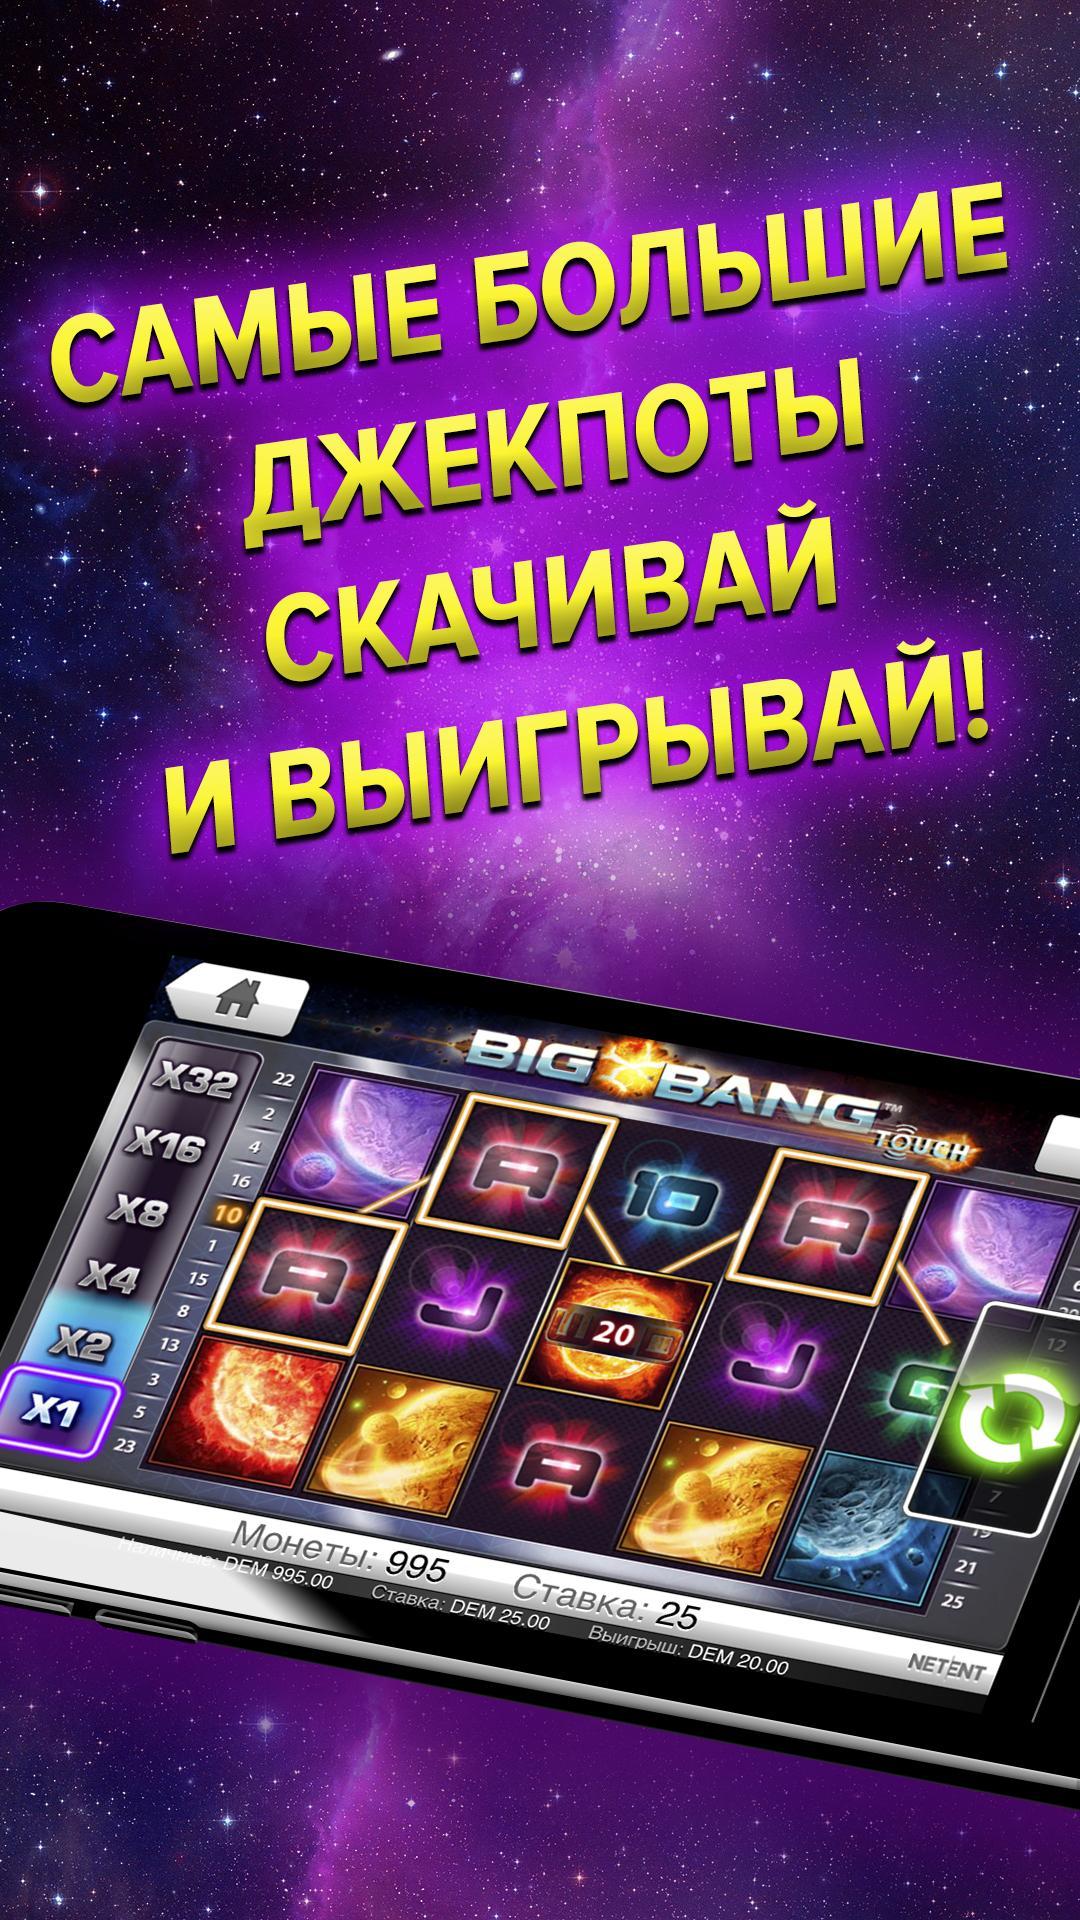 Казино вулкан android выиграть деньги в бесплатных зарубежных казино